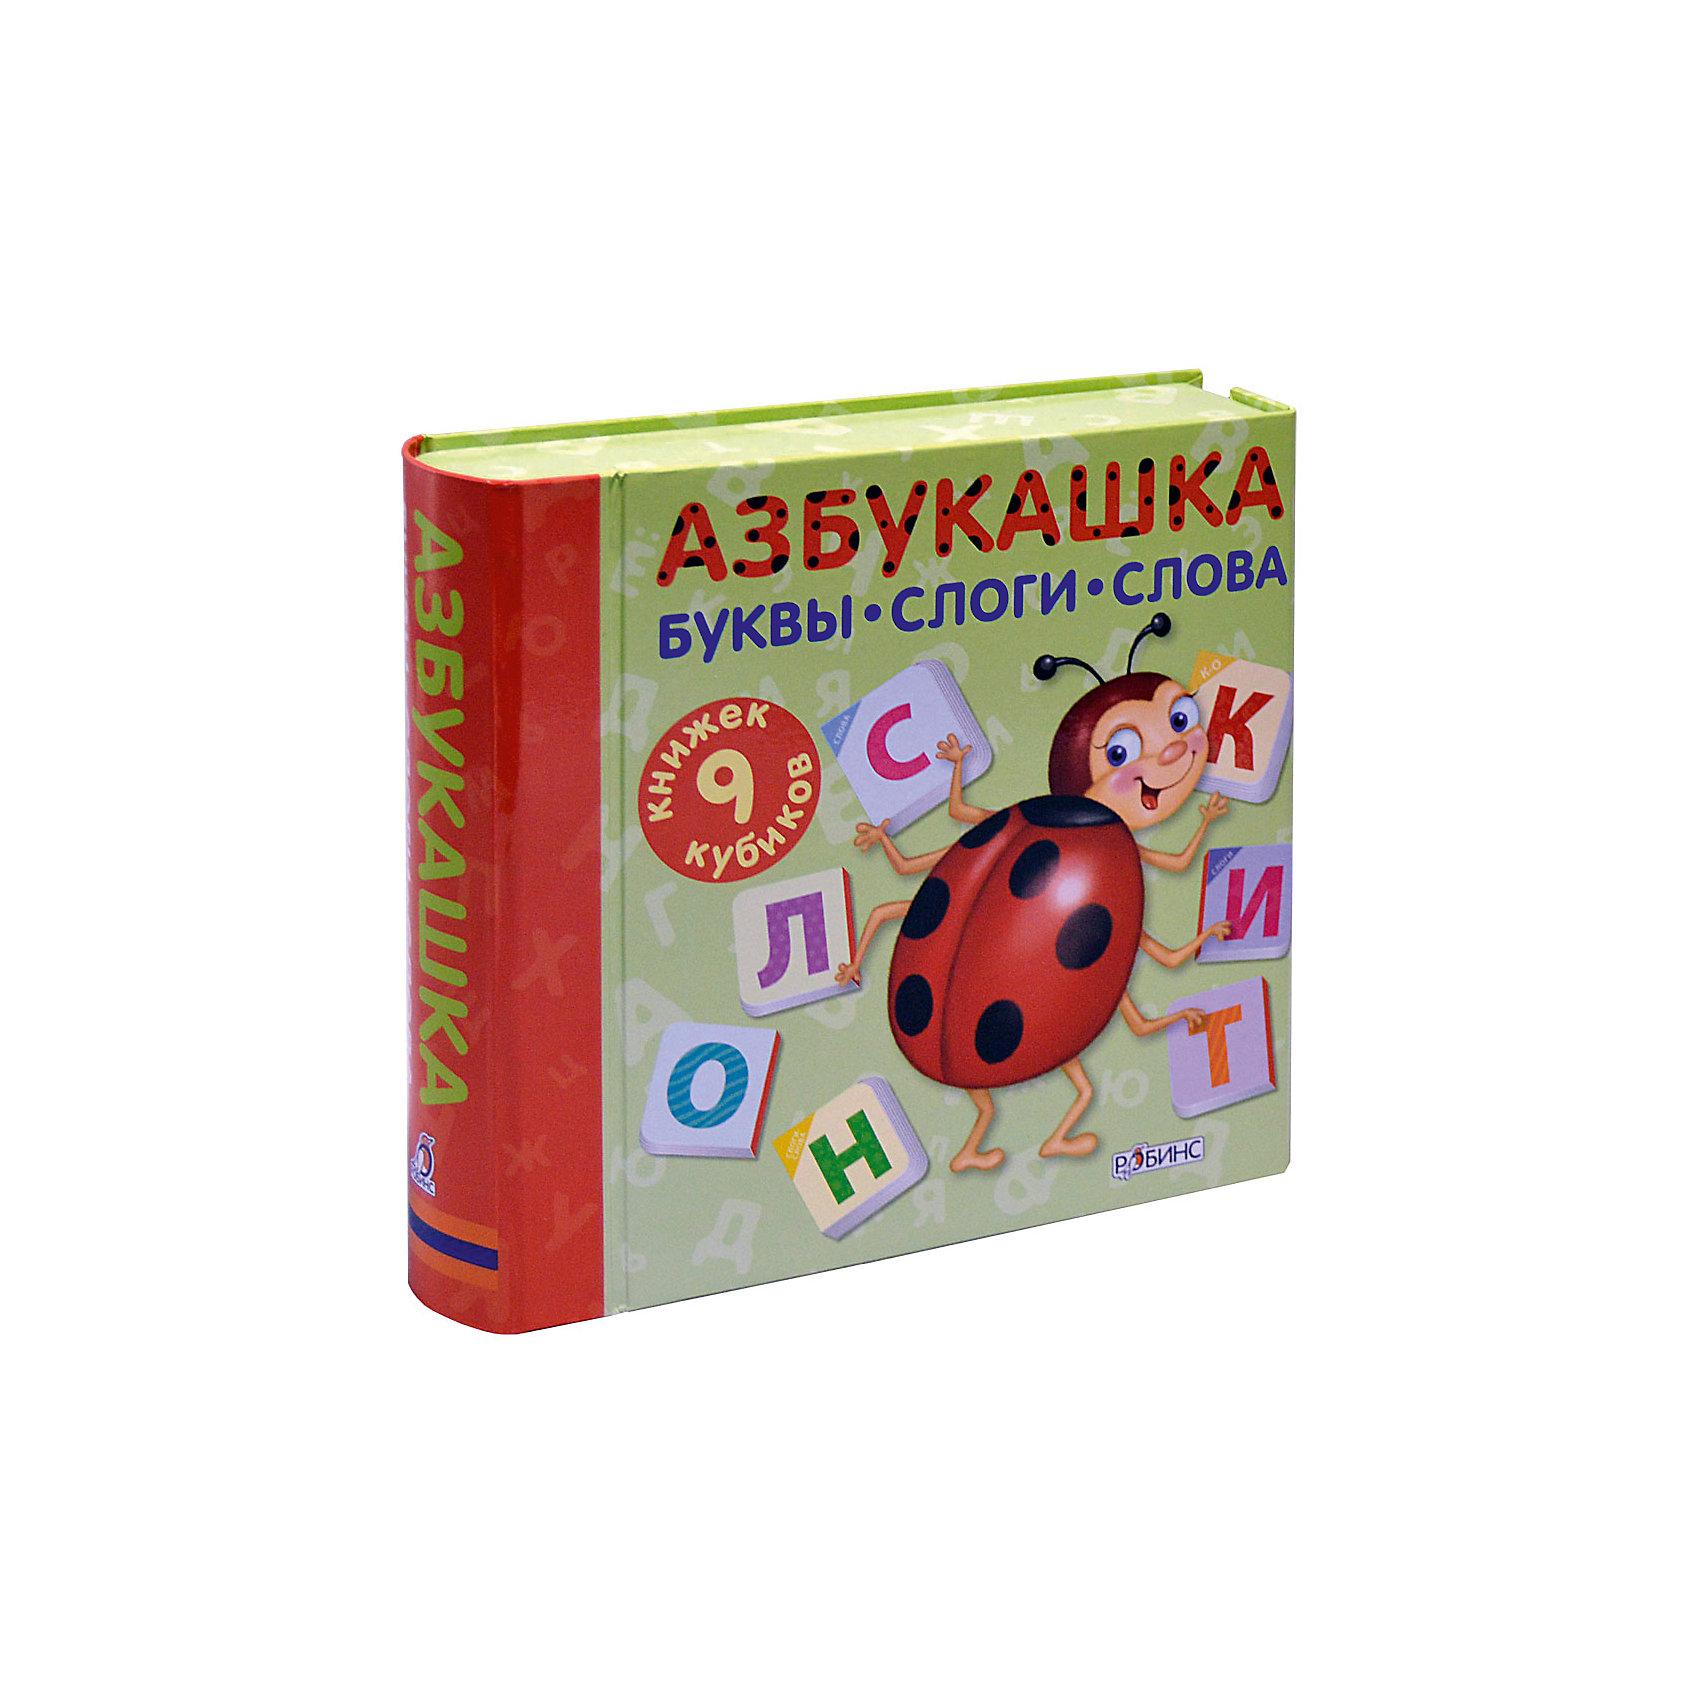 Набор из 9 книжек АзбукашкаРазвивающие книги<br>Это набор из 9 книжек-кубиков с буквами, слогами, словами и яркими картинками животных. Набор подходит для малышей, которые ещё только начинают изучать первые буквы, и тем, кто уже учится составлять слоги и слова. Игра с мини-книжками способствует развитию речи, мышления, памяти, восприятия и мелкой моторики. <br>С помощью мини-книжек из набора «АЗБУКАШКА. Буквы, слоги, слова» ребёнок<br>- Выучит буквы и запомнит названия.<br>- Научится читать слоги и простые слова.<br>- Сможет собрать названия разных животных из букв на обложках мини-книжек и ещё много-много других слов!<br>Более подробную инструкцию вы найдёте внутри коробки.<br>С помощью мини-книжек обычное изучение букв и слогов превратится в интересную и увлекательную игру. Книжки-кубики по размеру идеально подходят для детской ручки, их странички сделаны из прочного и безопасного материала, поэтому подходят для активных игр и прослужат долго. <br>Книжки-кубики легко превращаются в игрушки – погремушки-трещётки и кубики, из которых можно собирать башенки. Набор создан для индивидуальной и групповой игры дома и в детских дошкольных учреждениях.<br><br>Дополнительная информация:<br><br>Художник Митченко Ю., Белоголовская Г., Емельянова С. <br>Страниц: 90<br>Формат: 16.3 x 18 x 4.2 см<br><br>Набор из 9 книжек Азбукашка можно купить в нашем магазине.<br><br>Ширина мм: 177<br>Глубина мм: 164<br>Высота мм: 40<br>Вес г: 554<br>Возраст от месяцев: 36<br>Возраст до месяцев: 2147483647<br>Пол: Унисекс<br>Возраст: Детский<br>SKU: 4610601